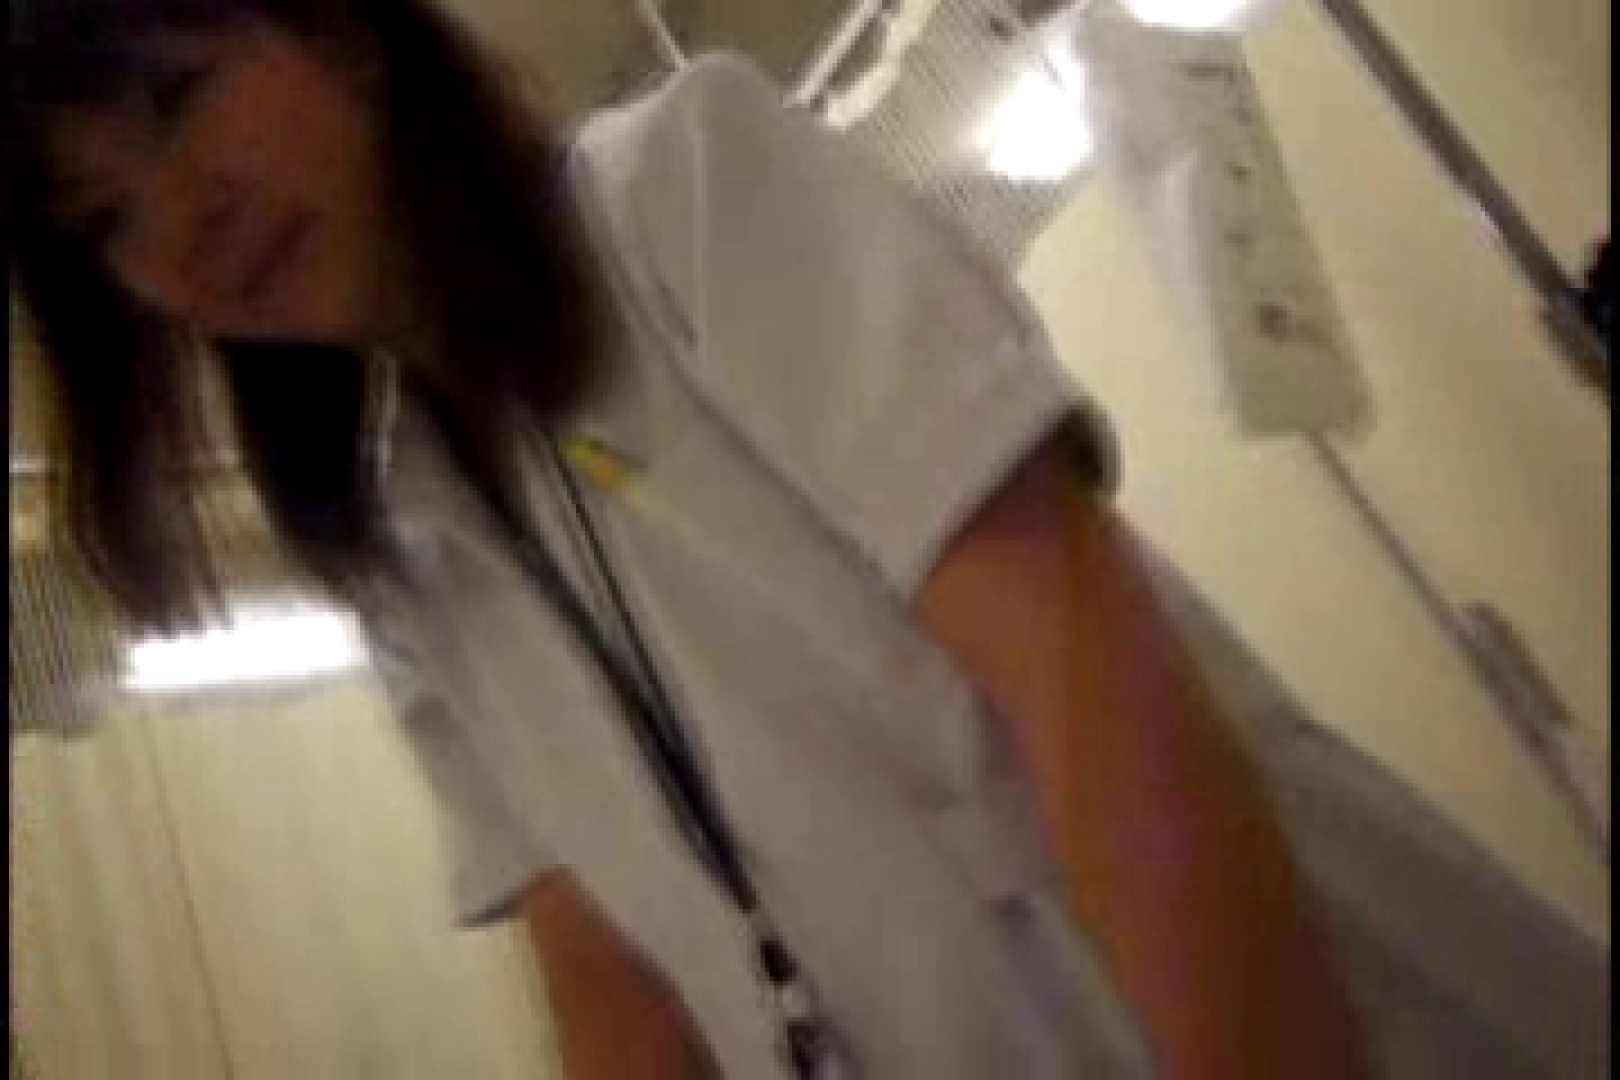 ヤリマンと呼ばれた看護士さんvol1 一般投稿   シックスナイン  93pic 46